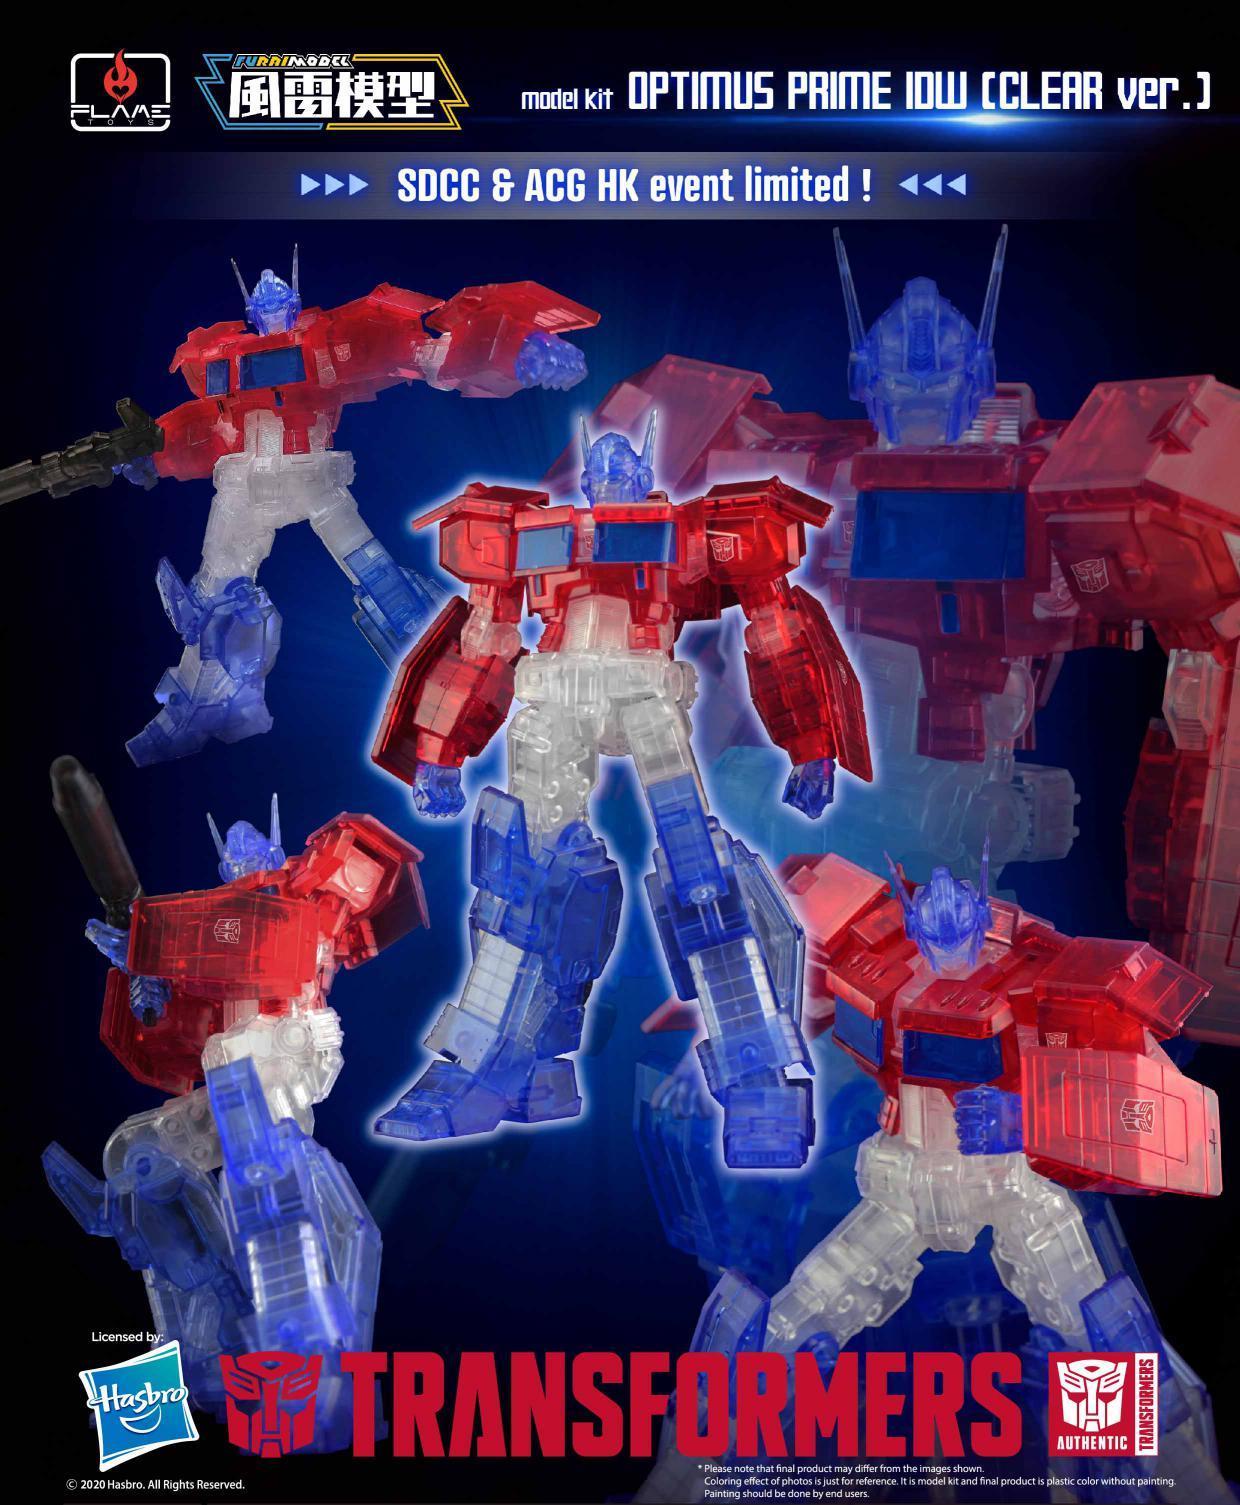 [Furai Model] Optimus Prime (Clear ver.).jpg